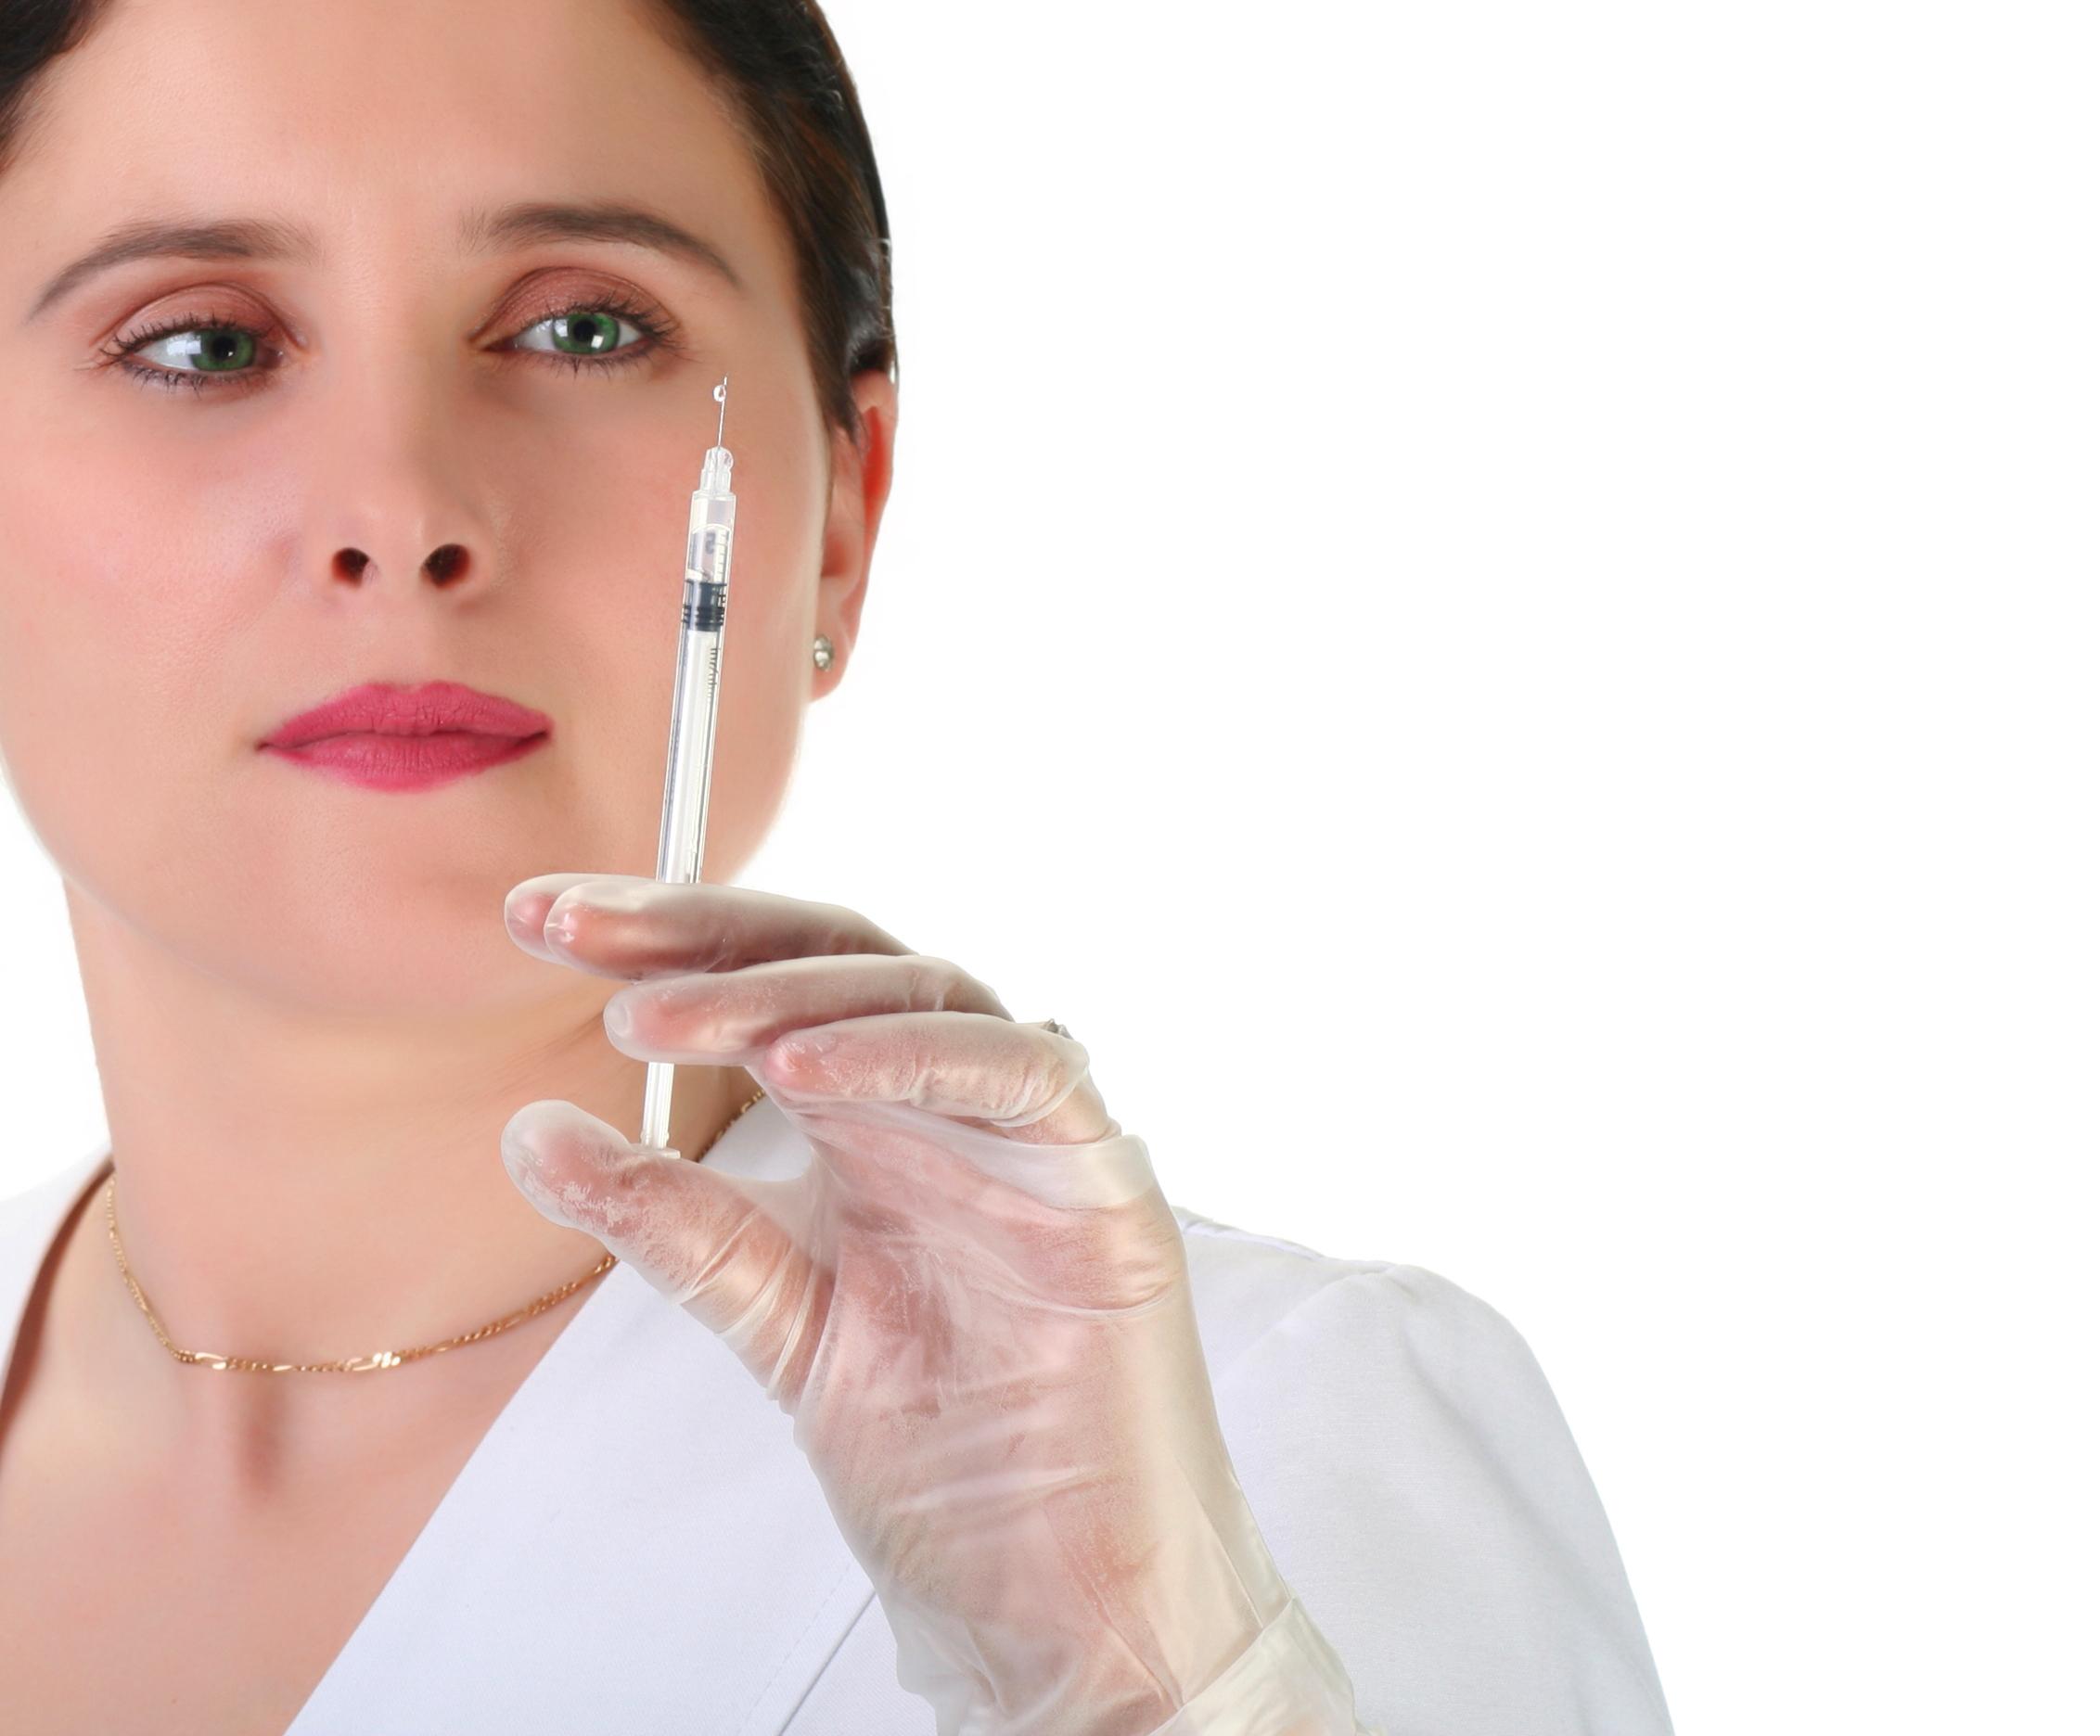 Şeker Hastalığına Karşı Aşı Geliştiriliyor